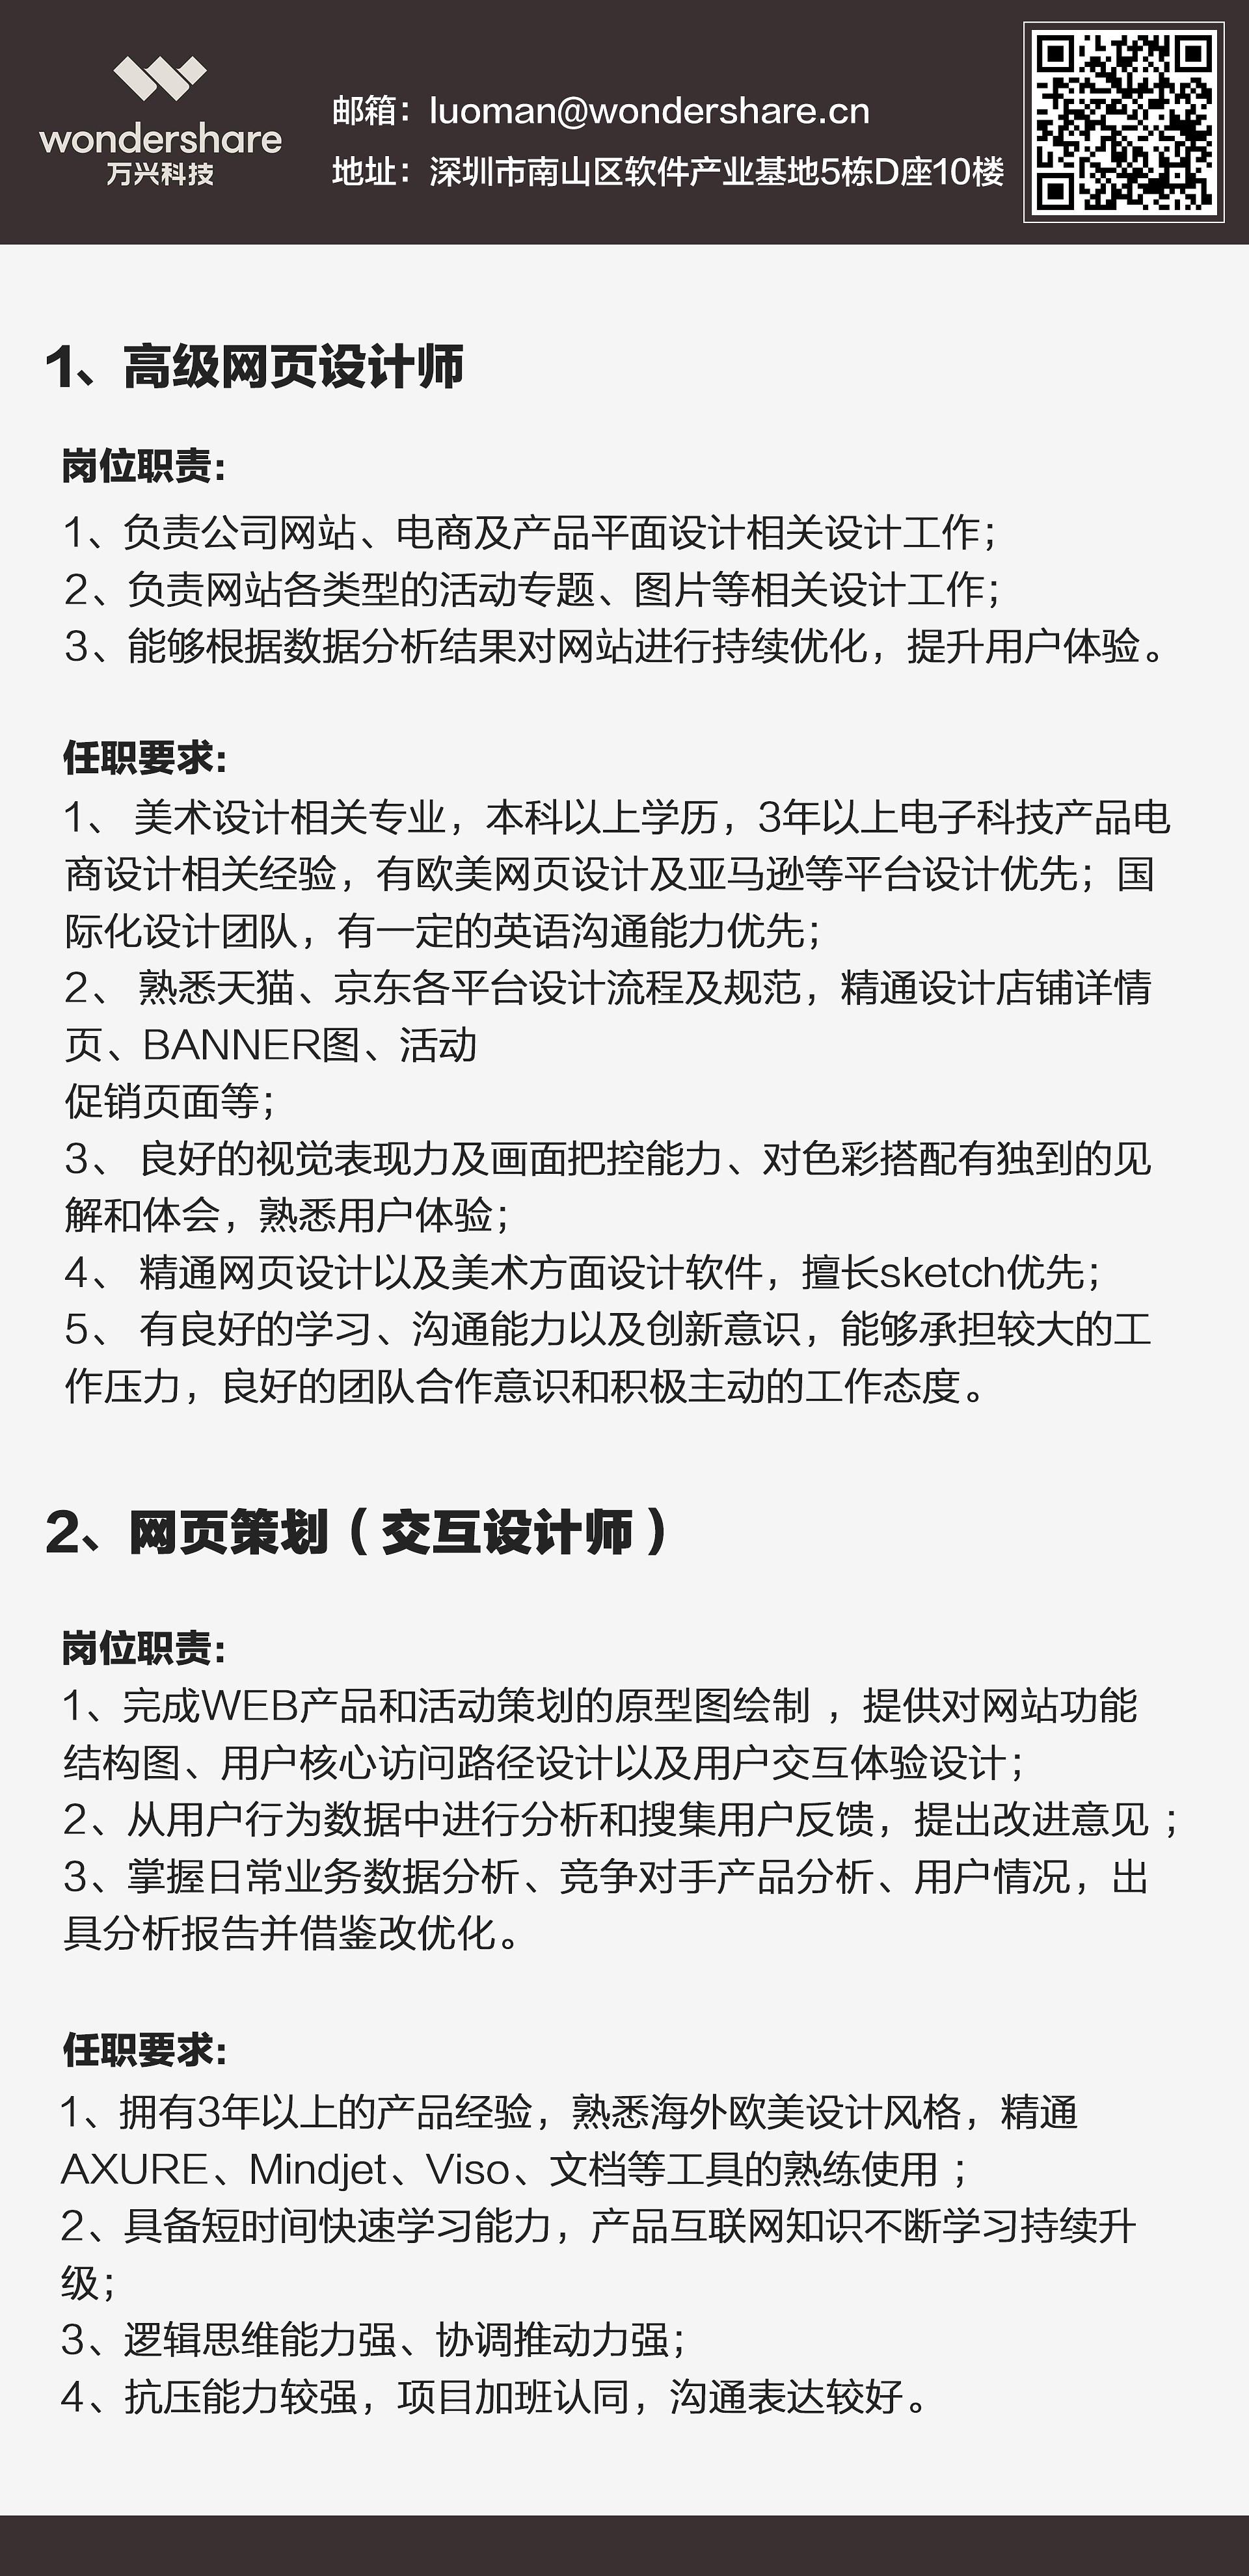 官网招聘模版万兴.jpg